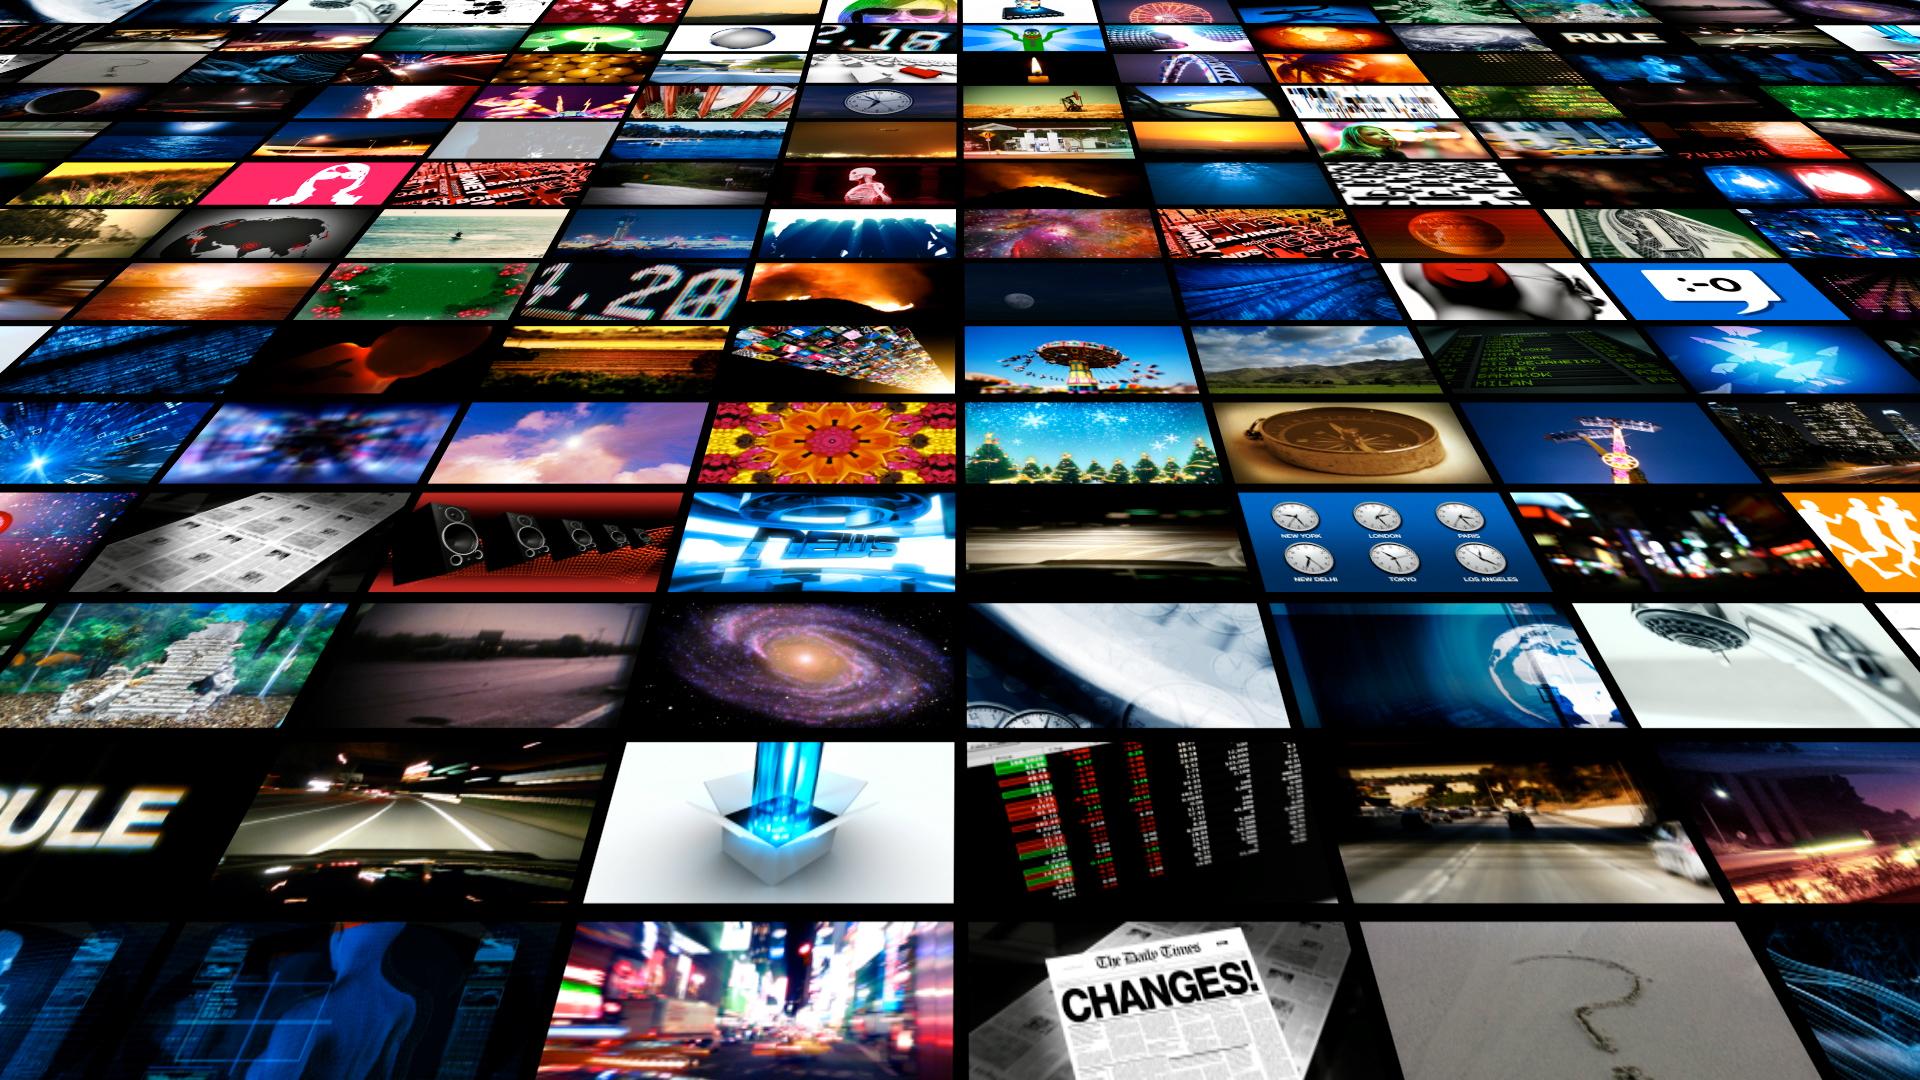 Tendencias del Marketing Digital 2015: el Contenido Audiovisual